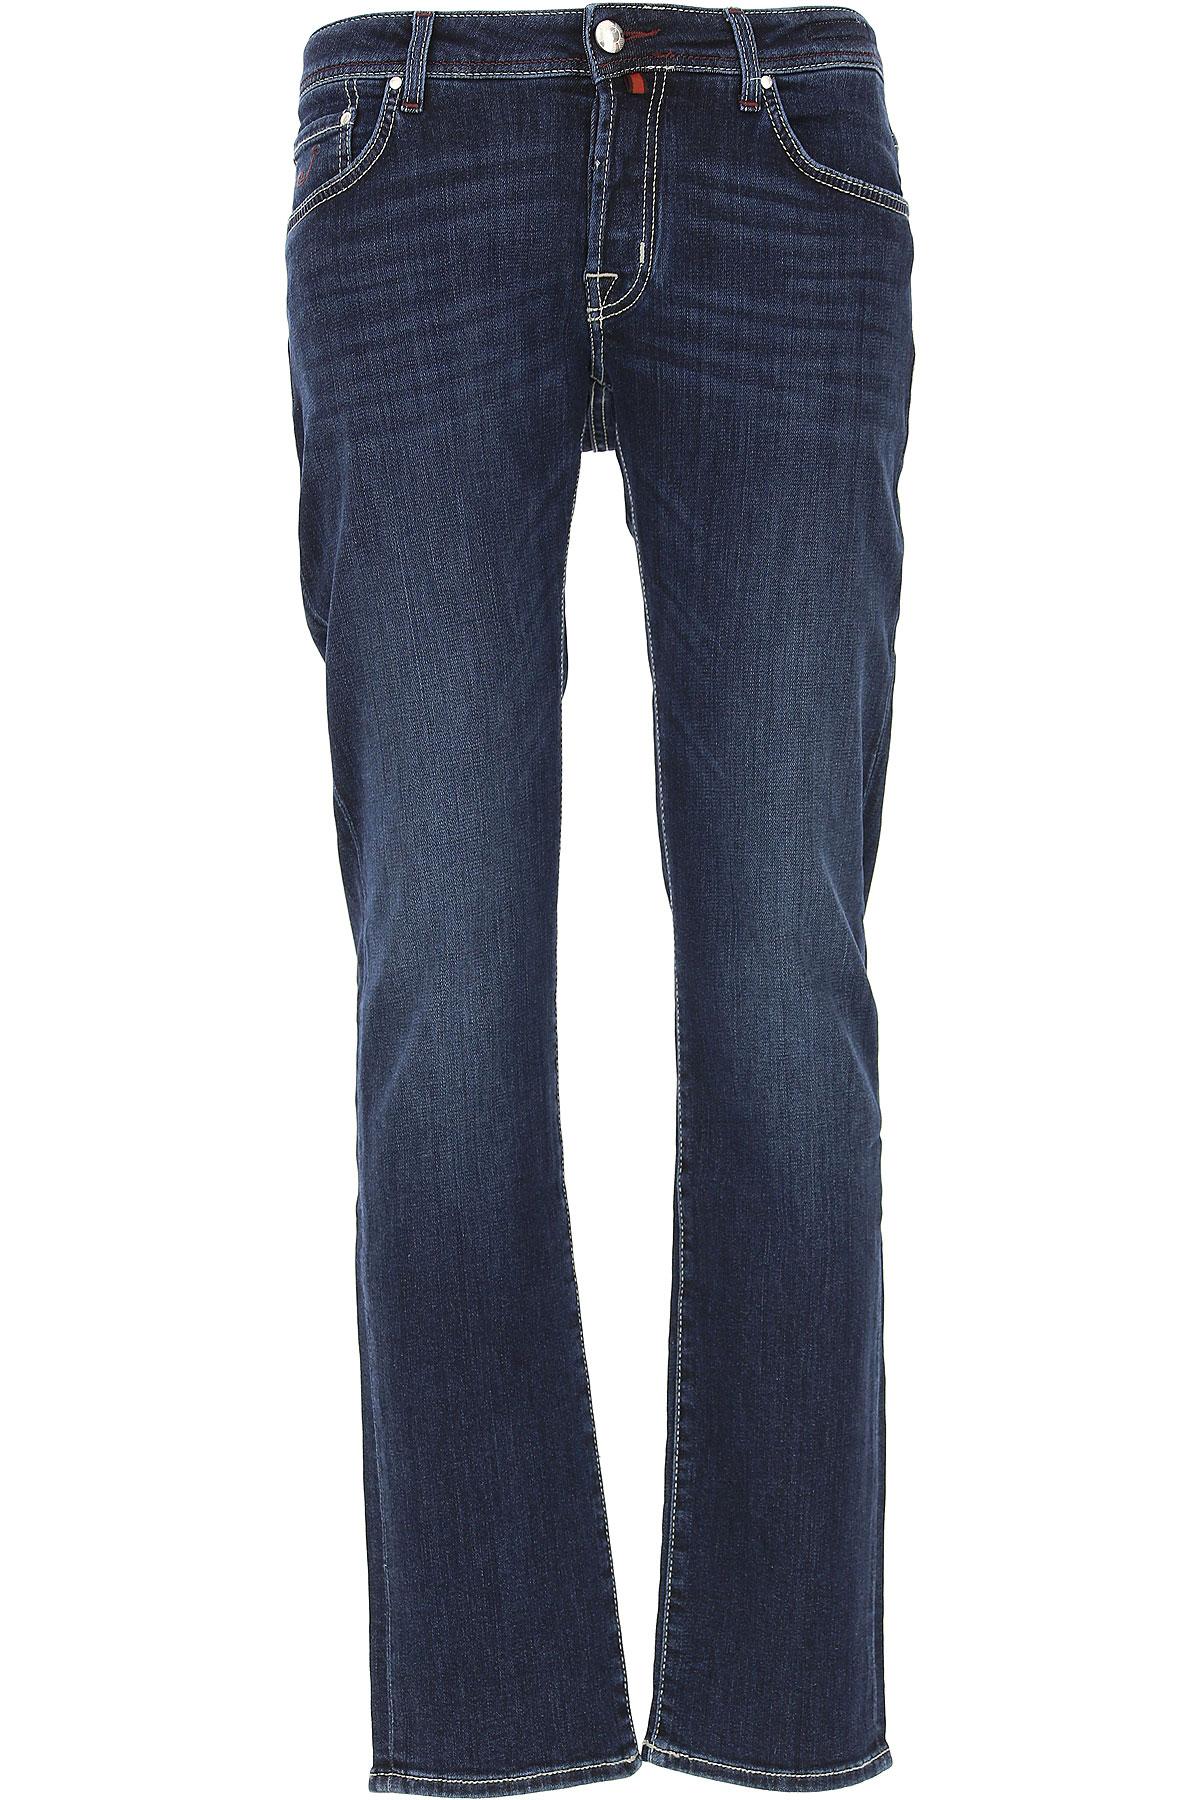 Jacob Cohen Jeans On Sale, Dark Denim Blue, Cotton, 2017, 34 35